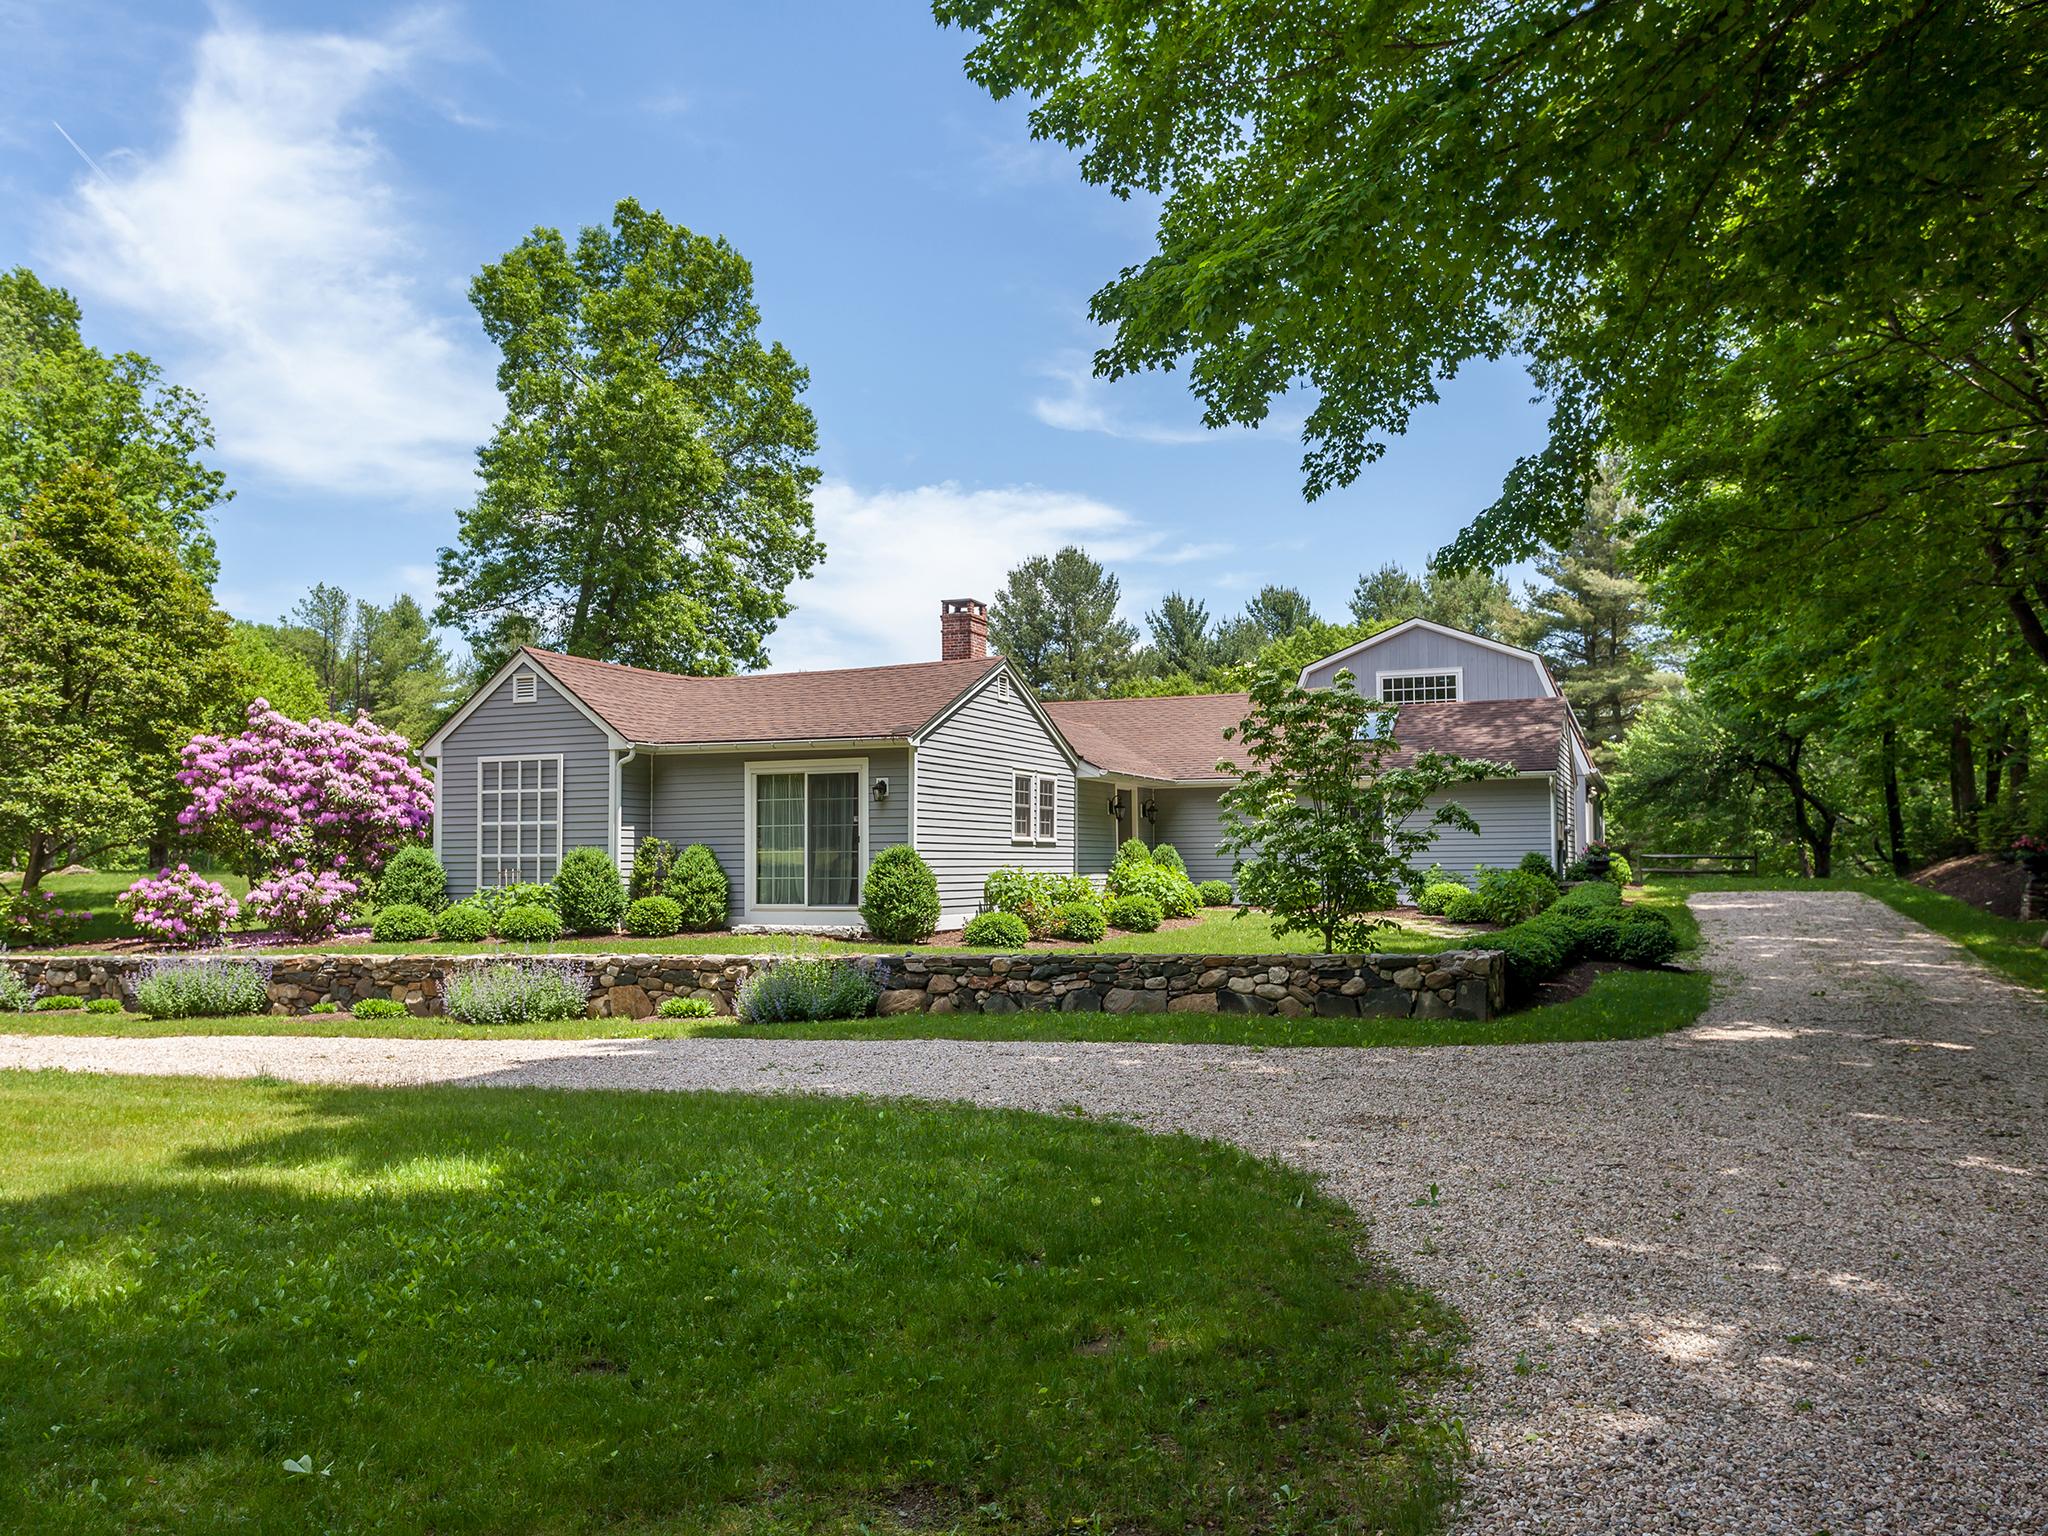 独户住宅 为 销售 在 Prime Washington Location 132 Shearer Rd 华盛顿, 康涅狄格州, 06793 美国